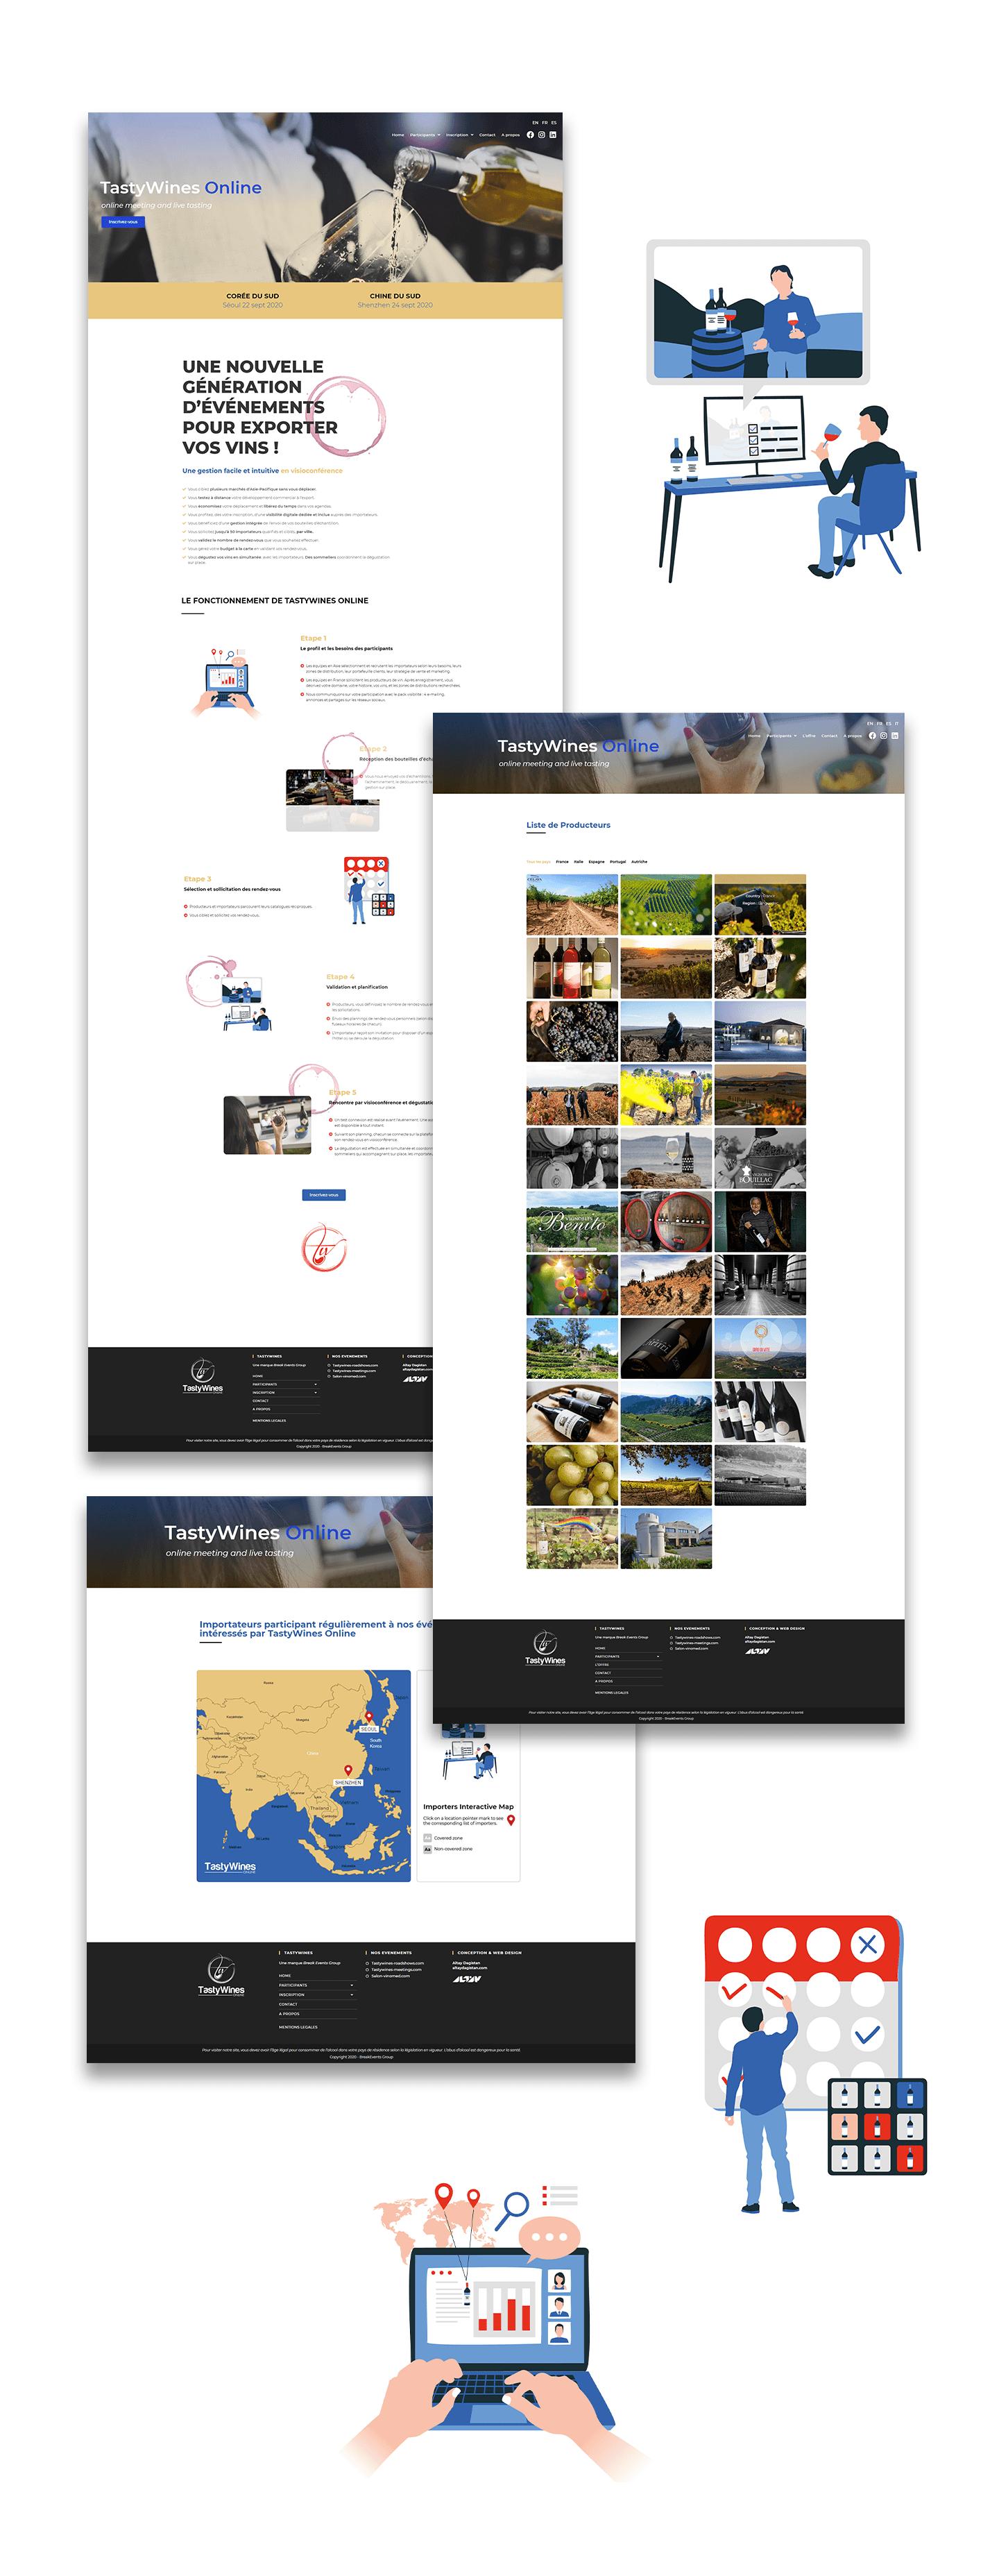 TasyWInes Online web design - présentation de toutes les pages.